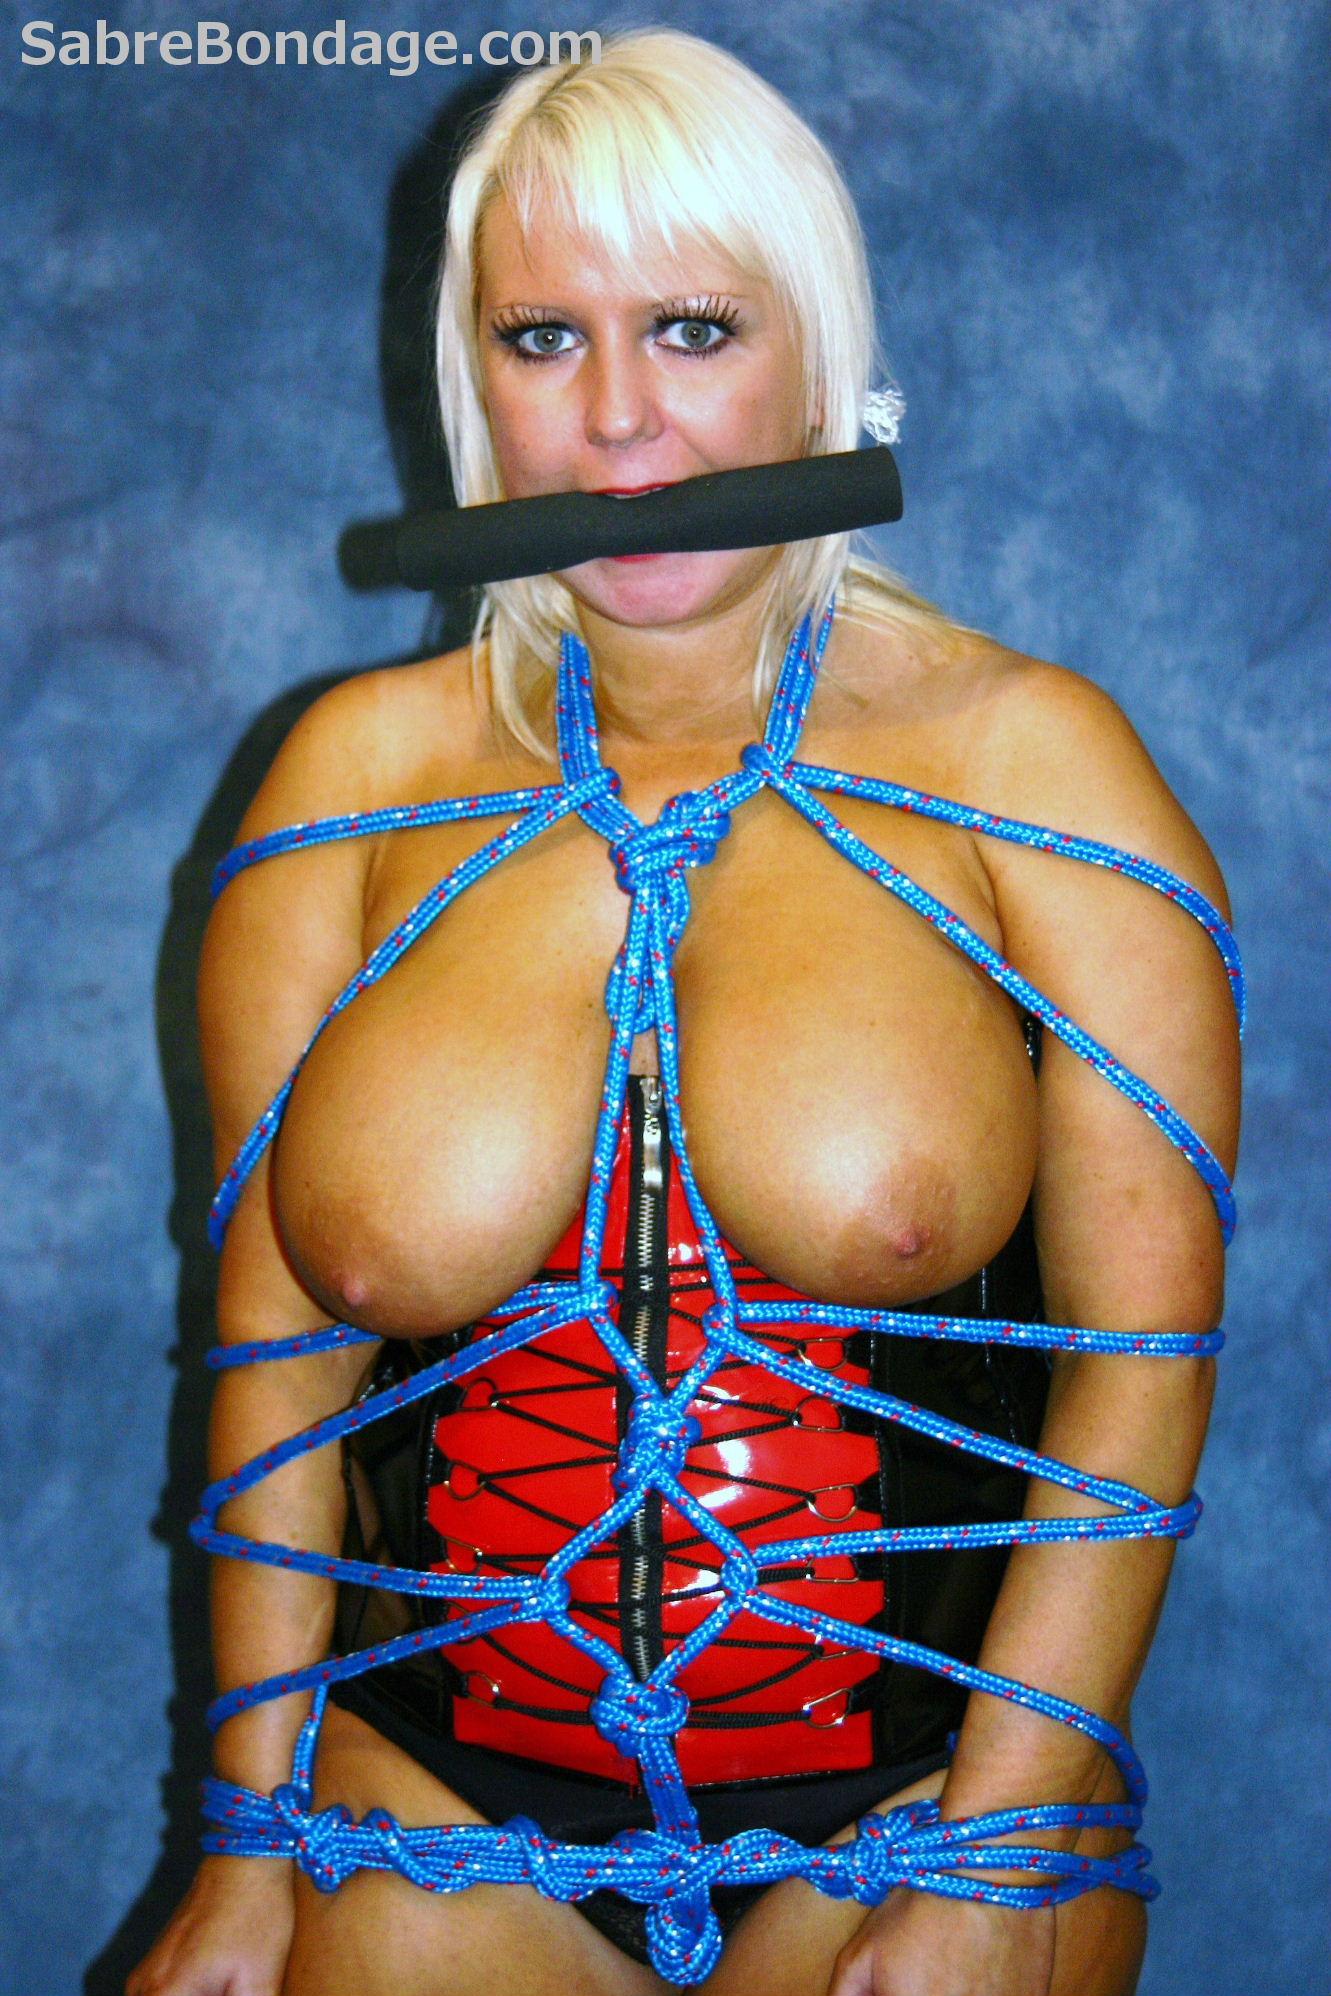 Vicky's Web